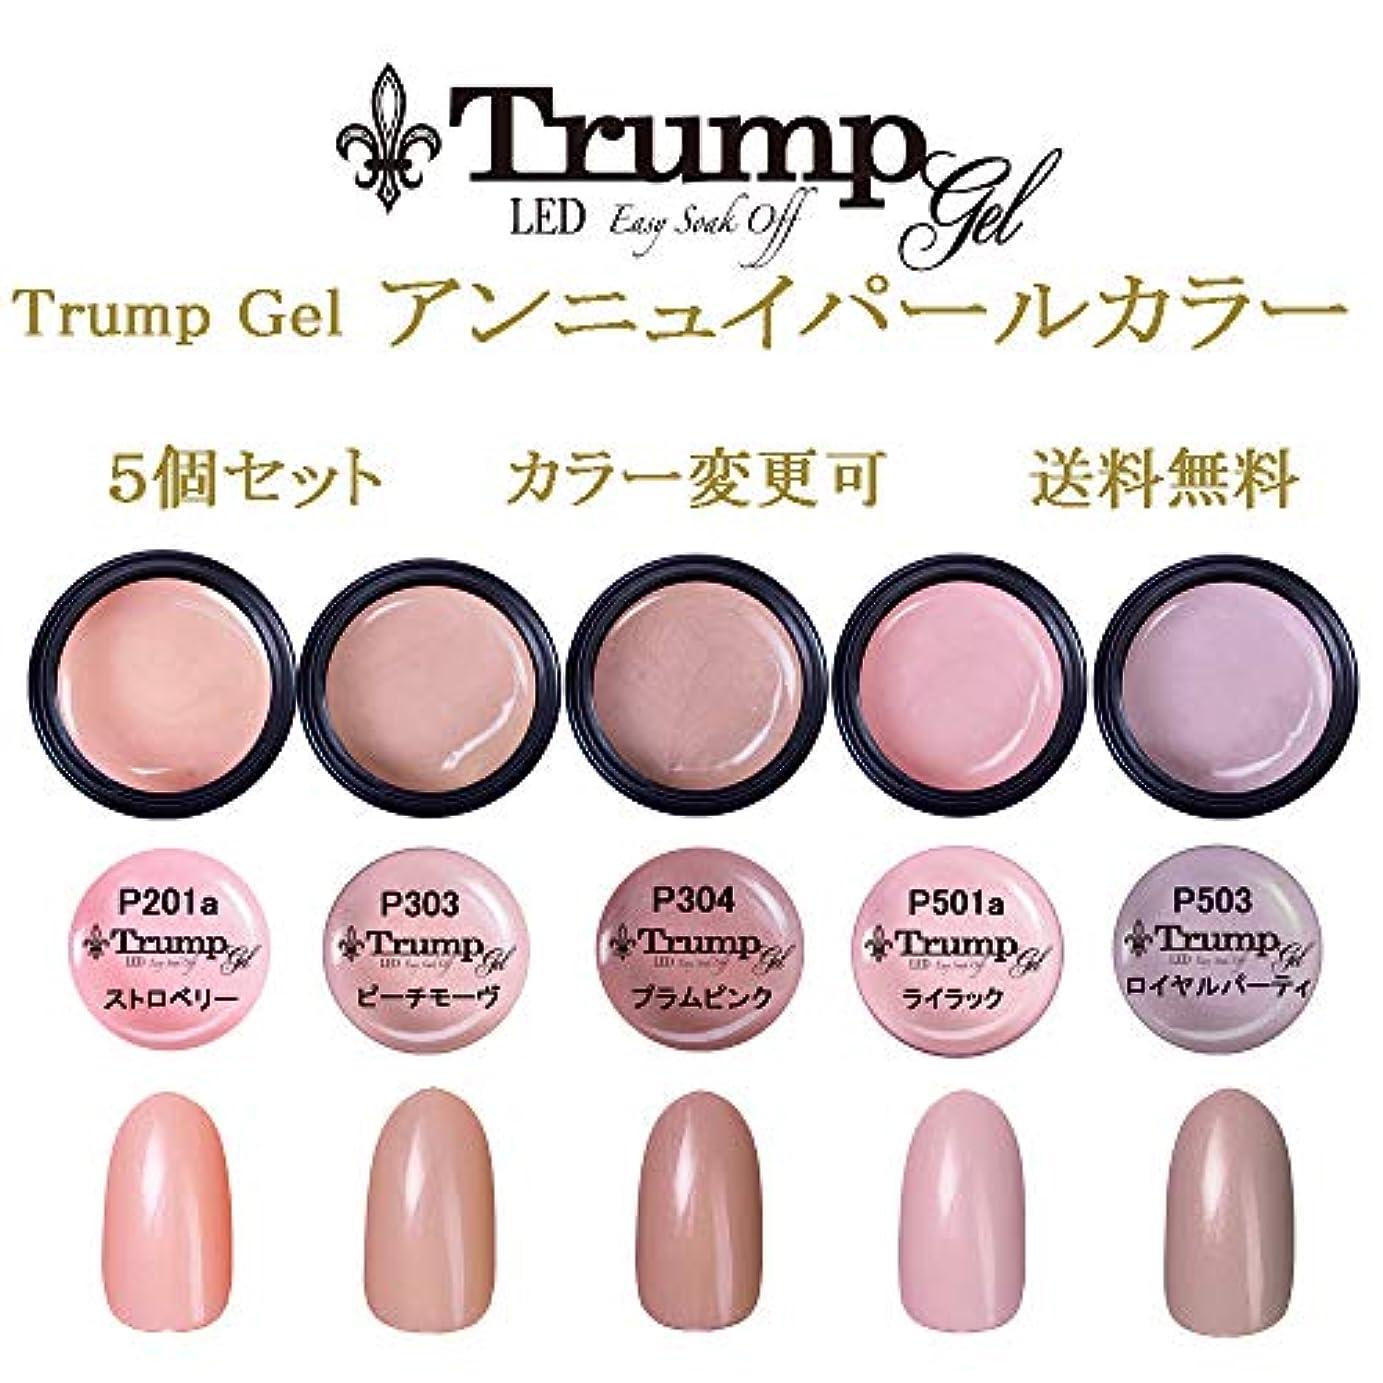 成功今日受賞日本製 Trump gel トランプジェル アンニュイ パール 選べる カラージェル 5個セット ピンク ベージュ パープル